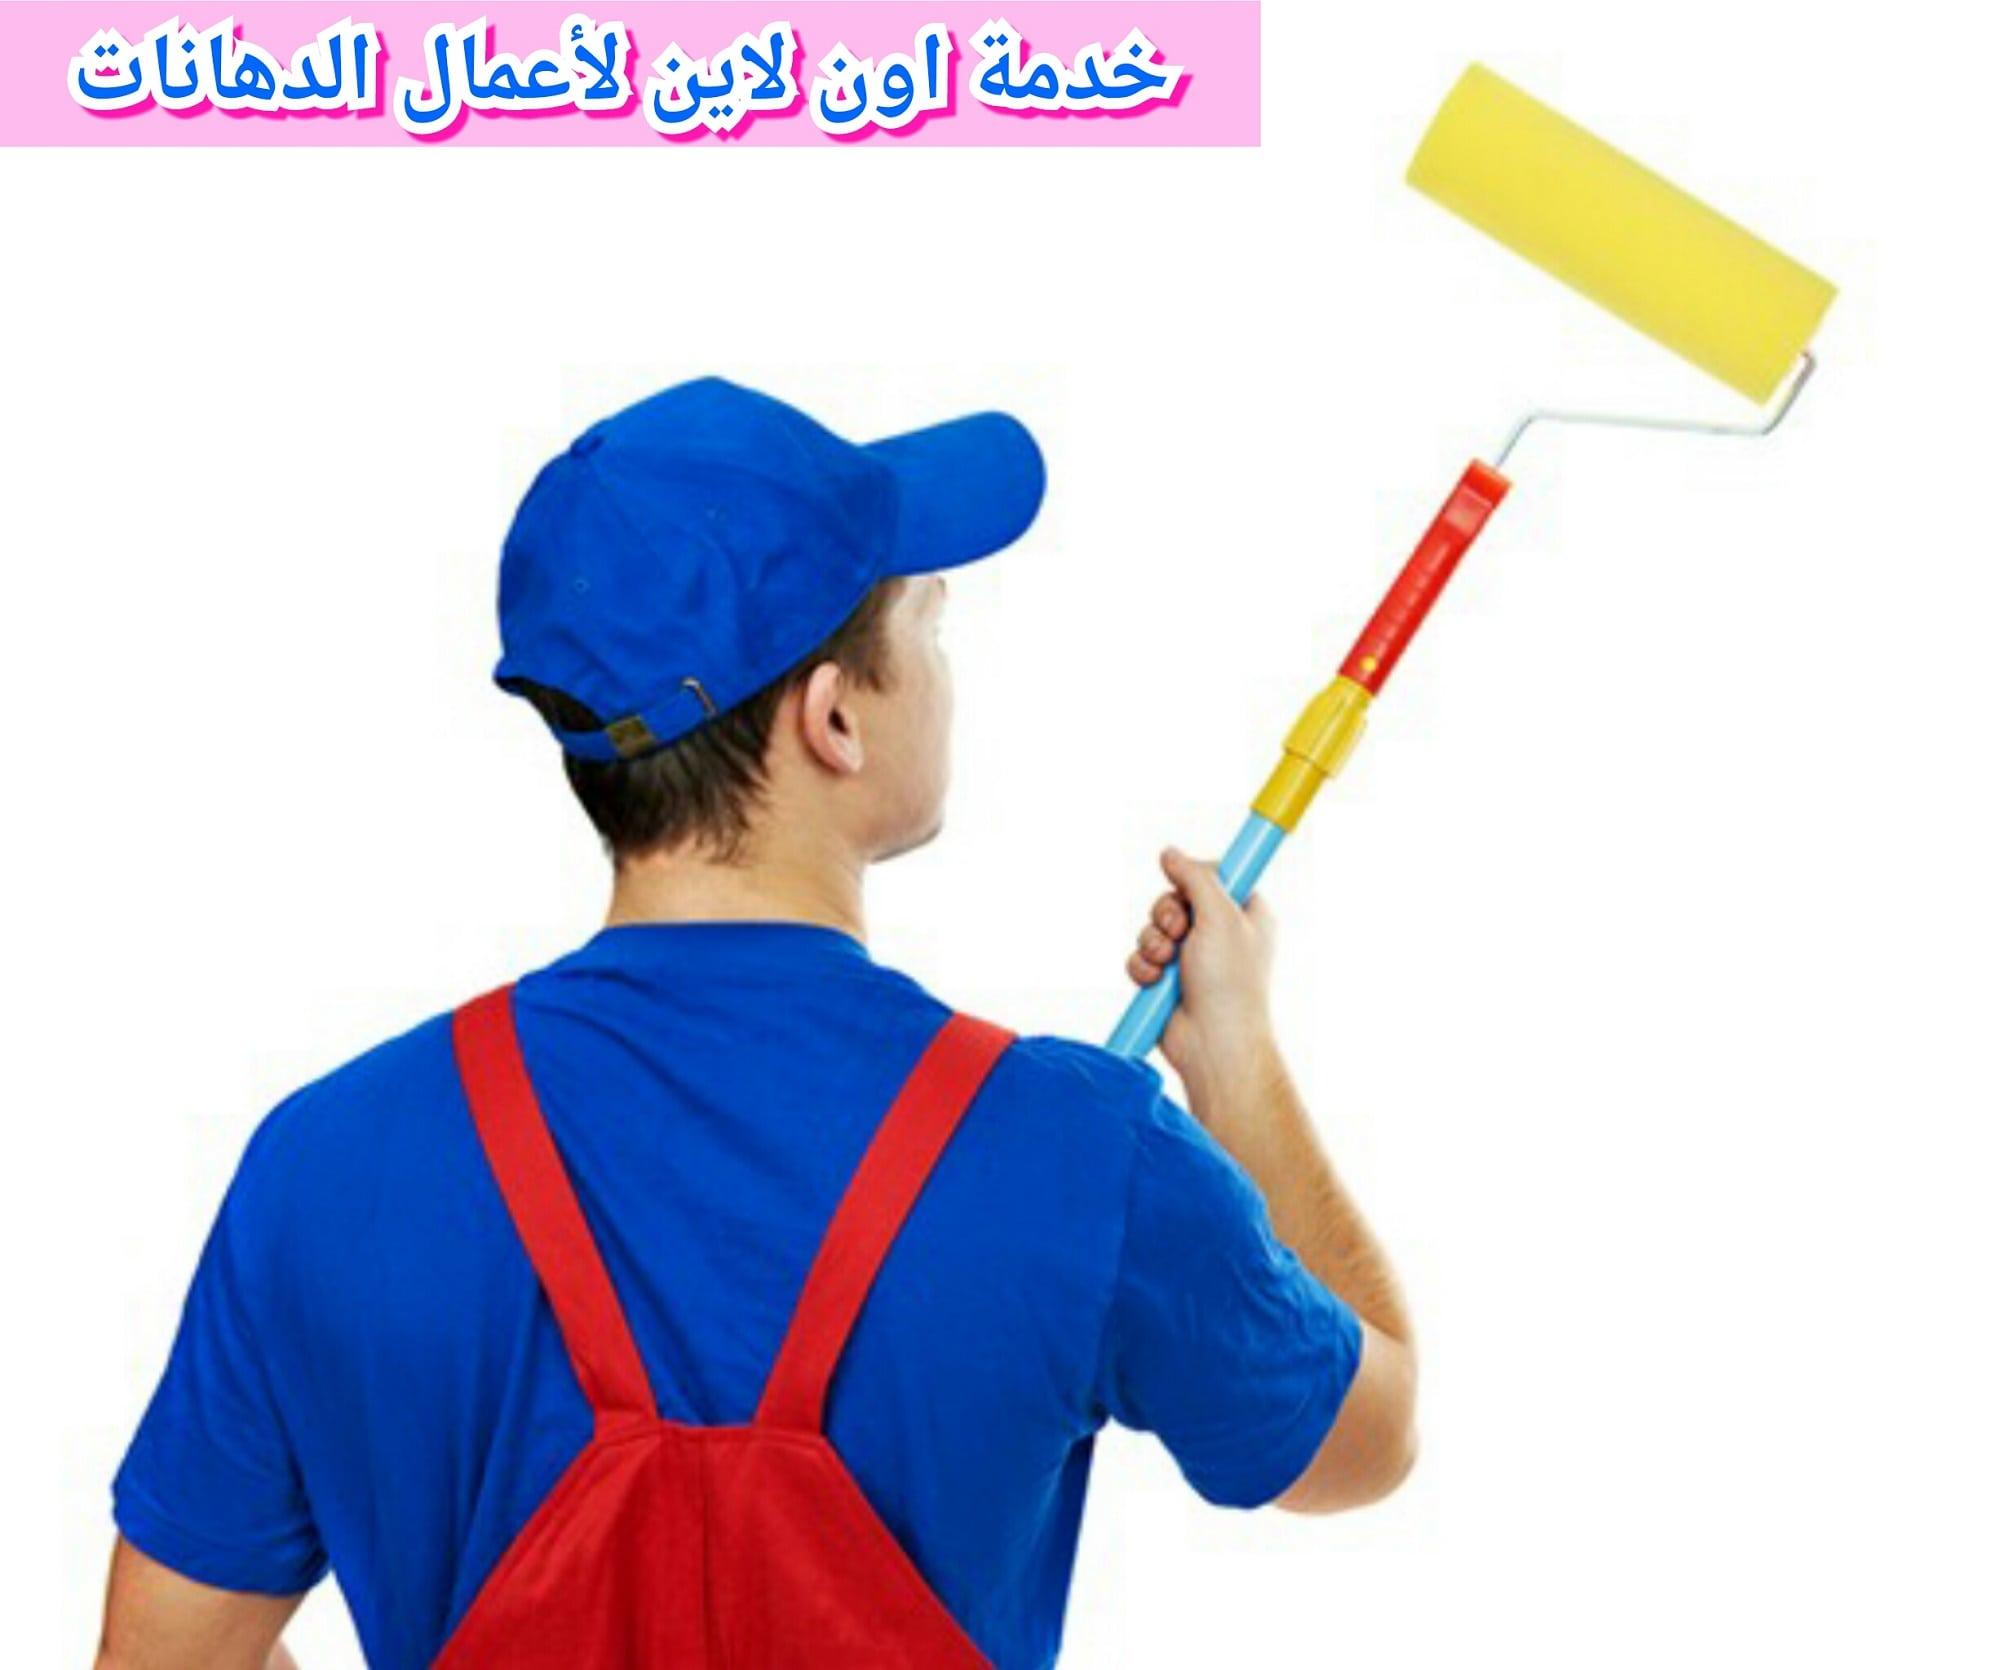 دهان بالمدينة المنورة ، معلم دهانات بالمدينة المنورة